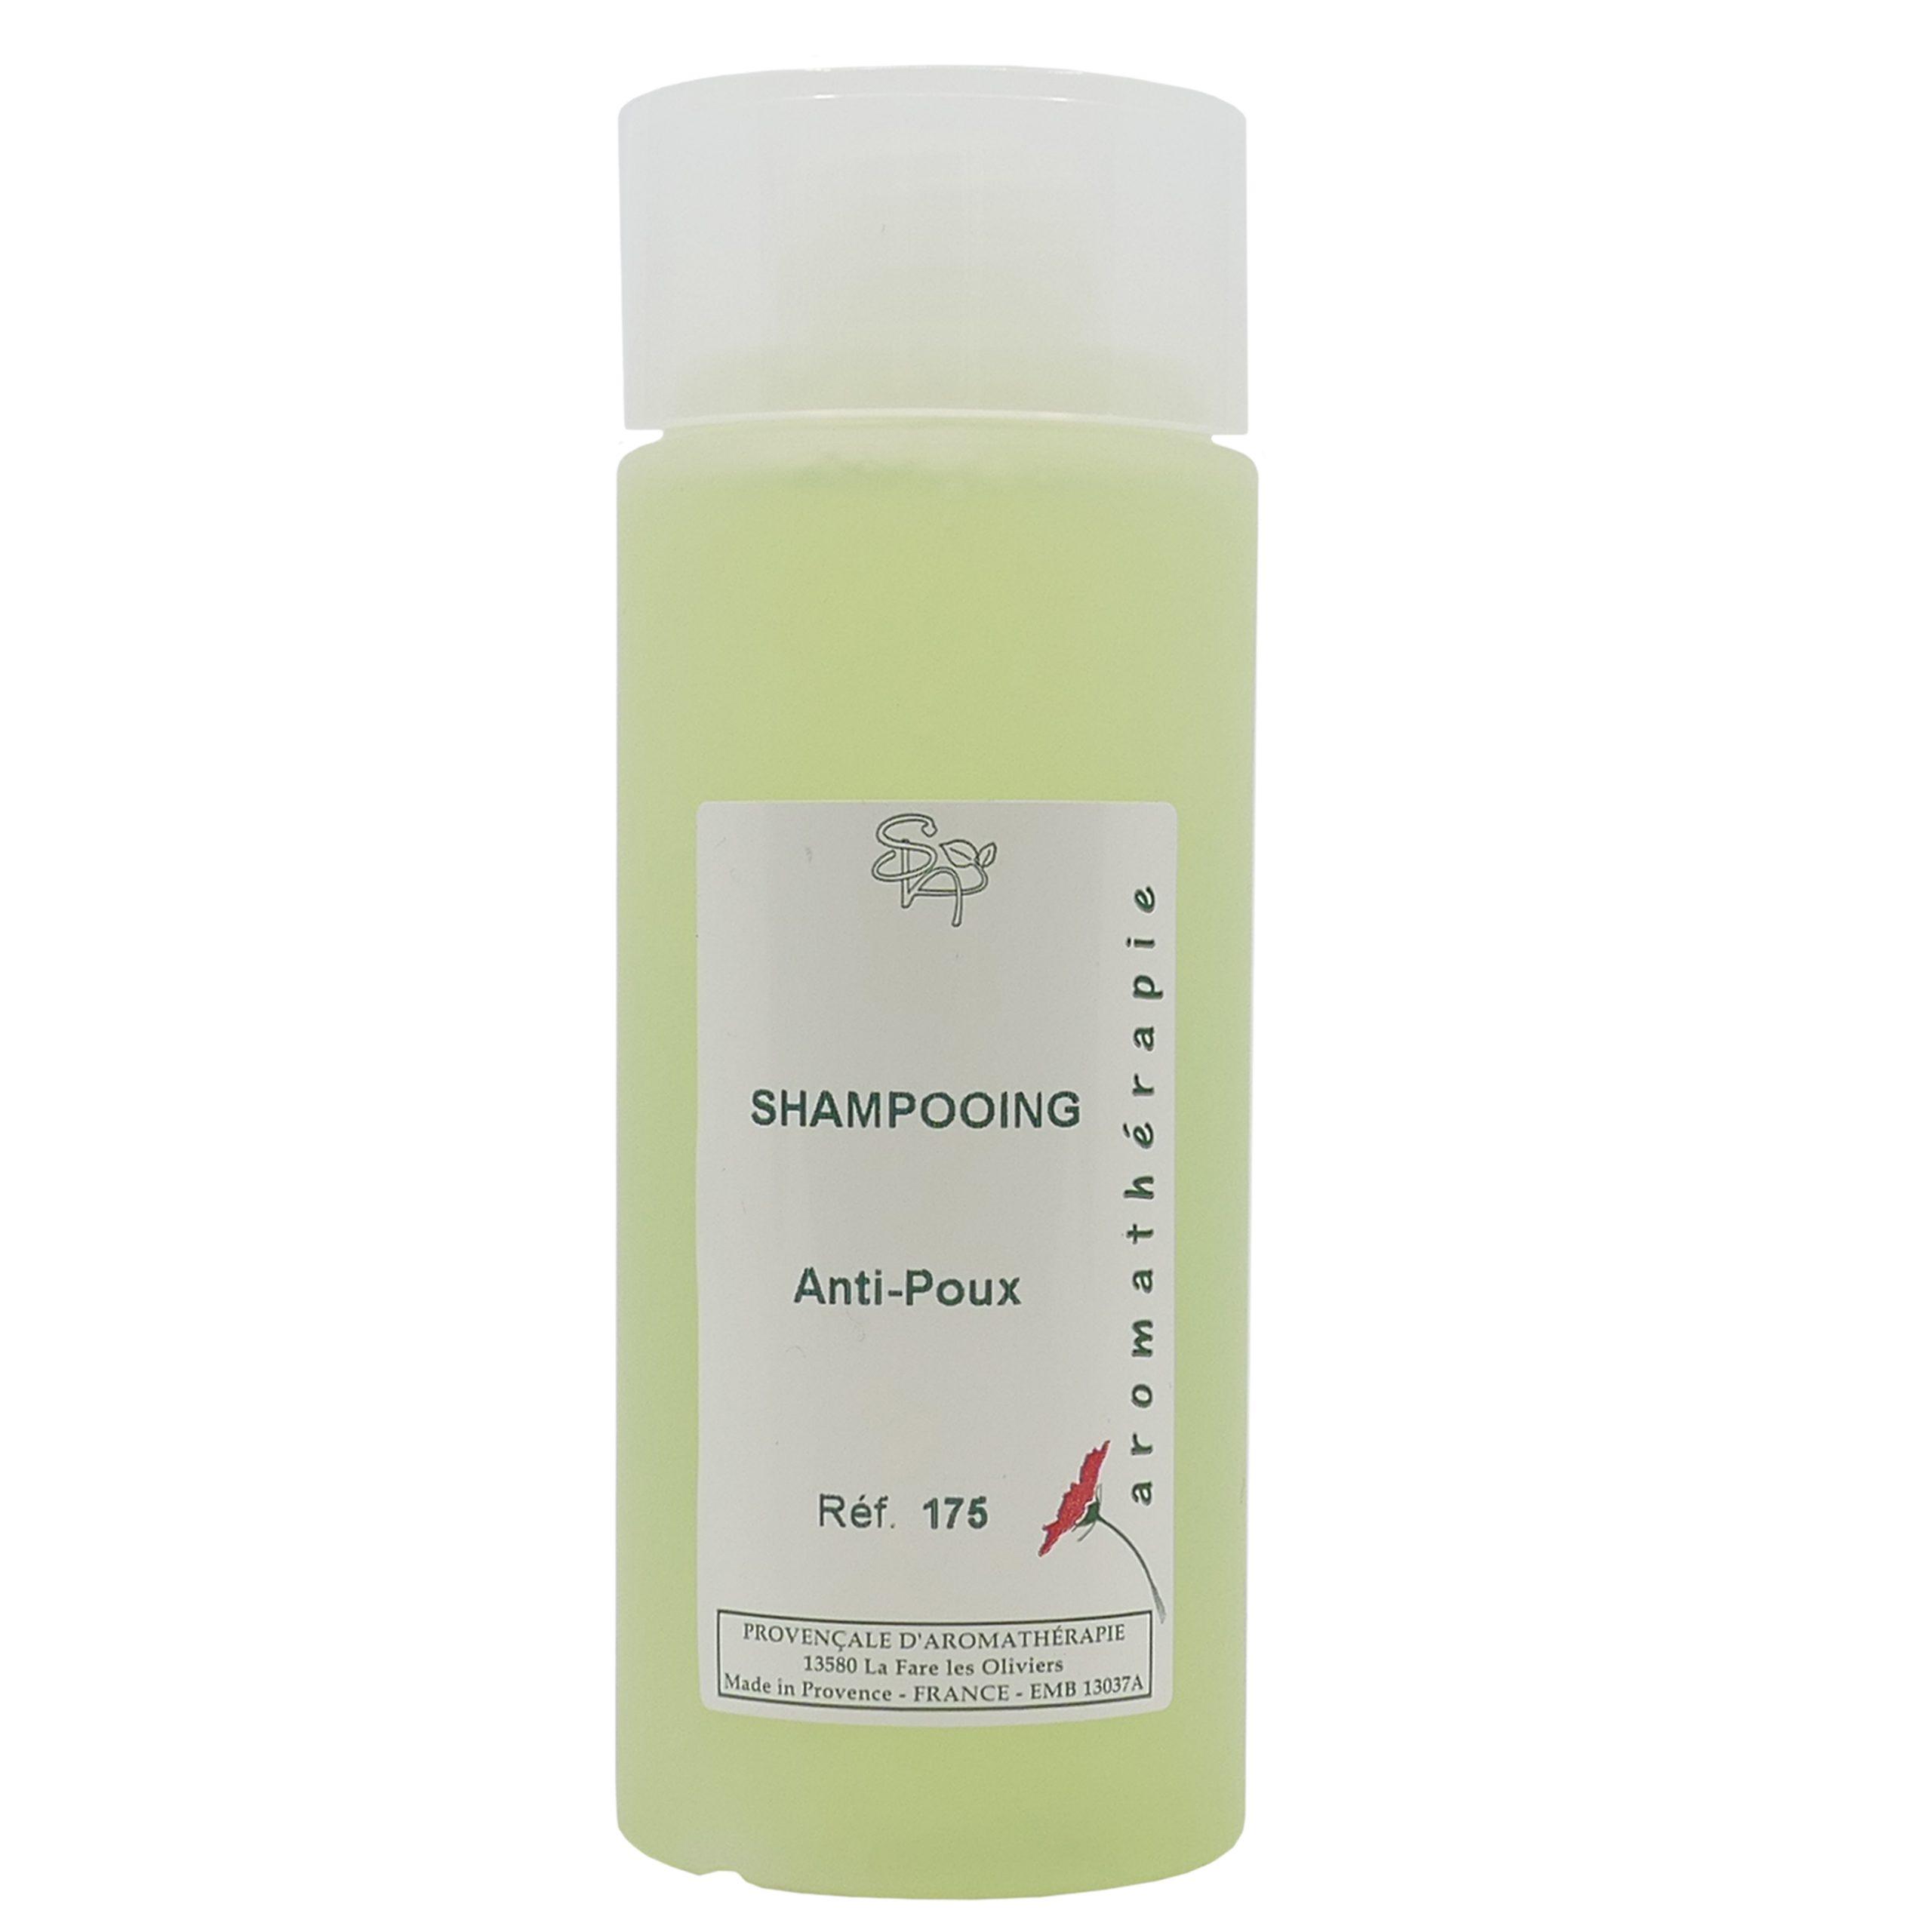 Shampoo Image